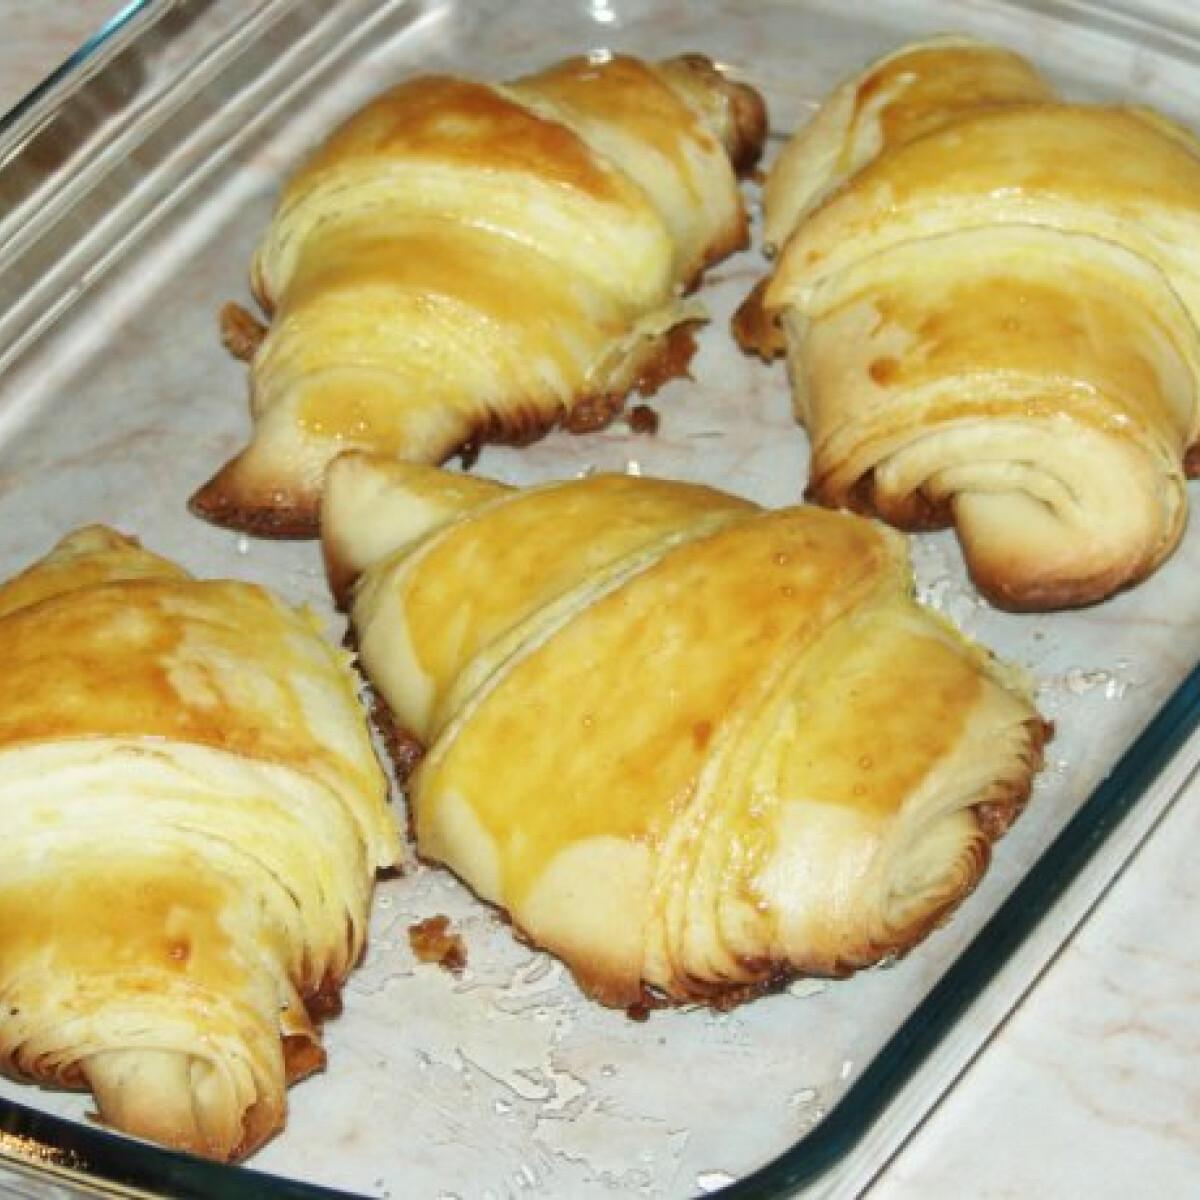 Francia croissant perec konyhájából